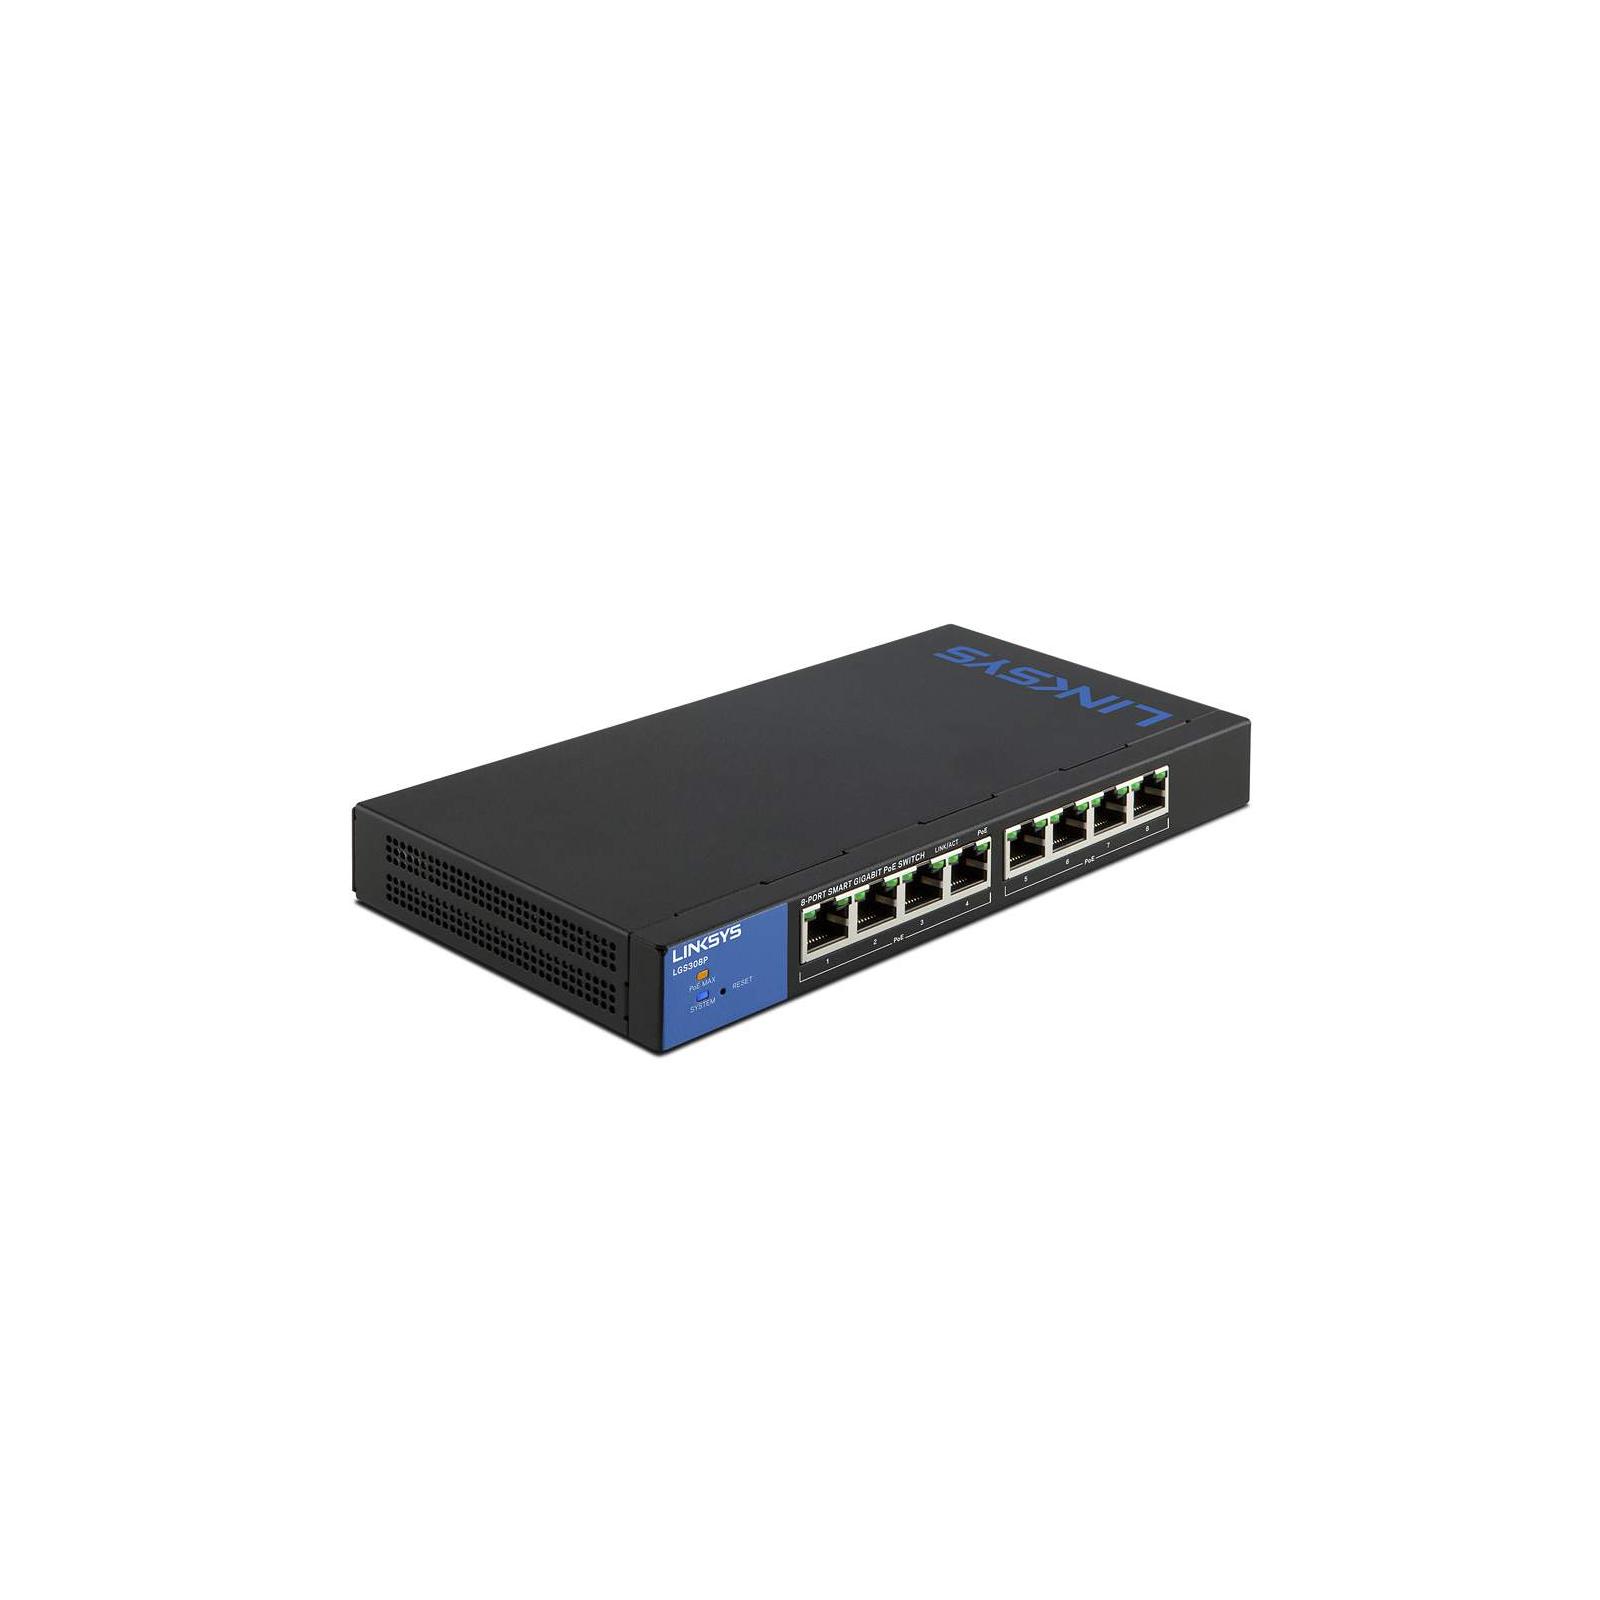 Коммутатор сетевой LinkSys LGS308P изображение 3